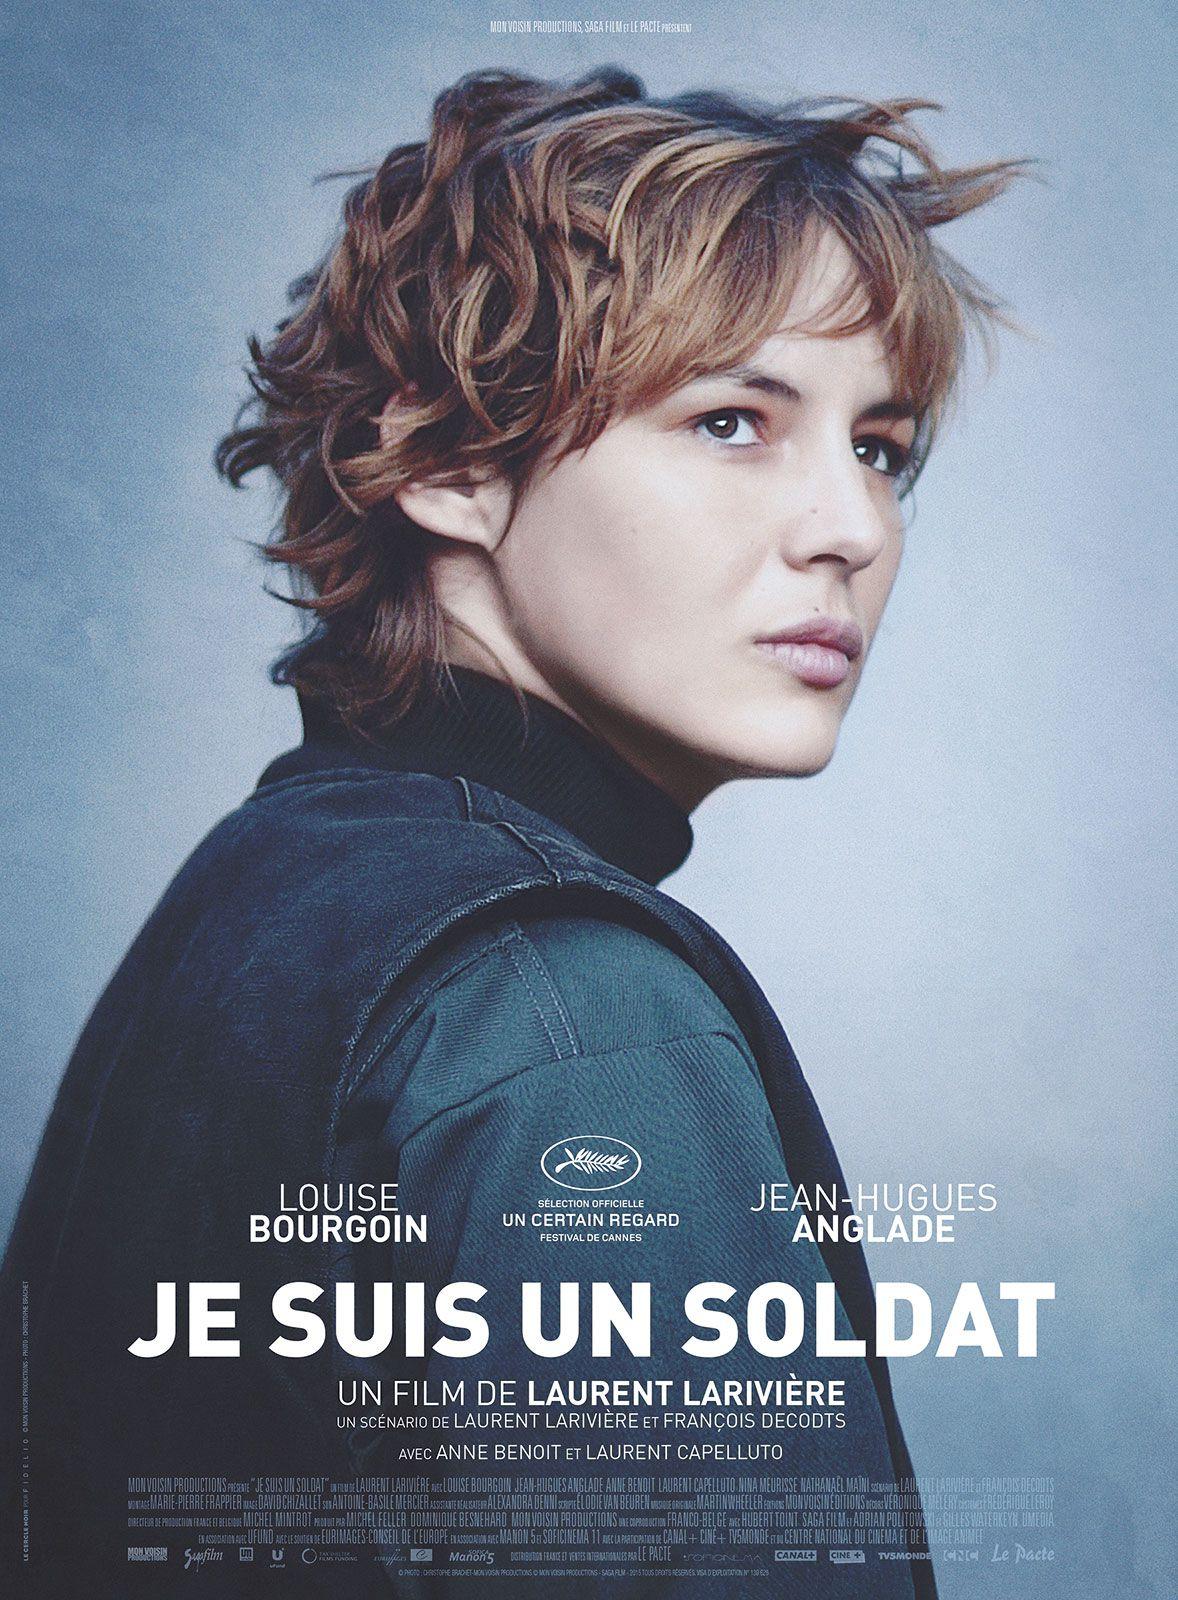 Je suis un soldat - Film (2015)